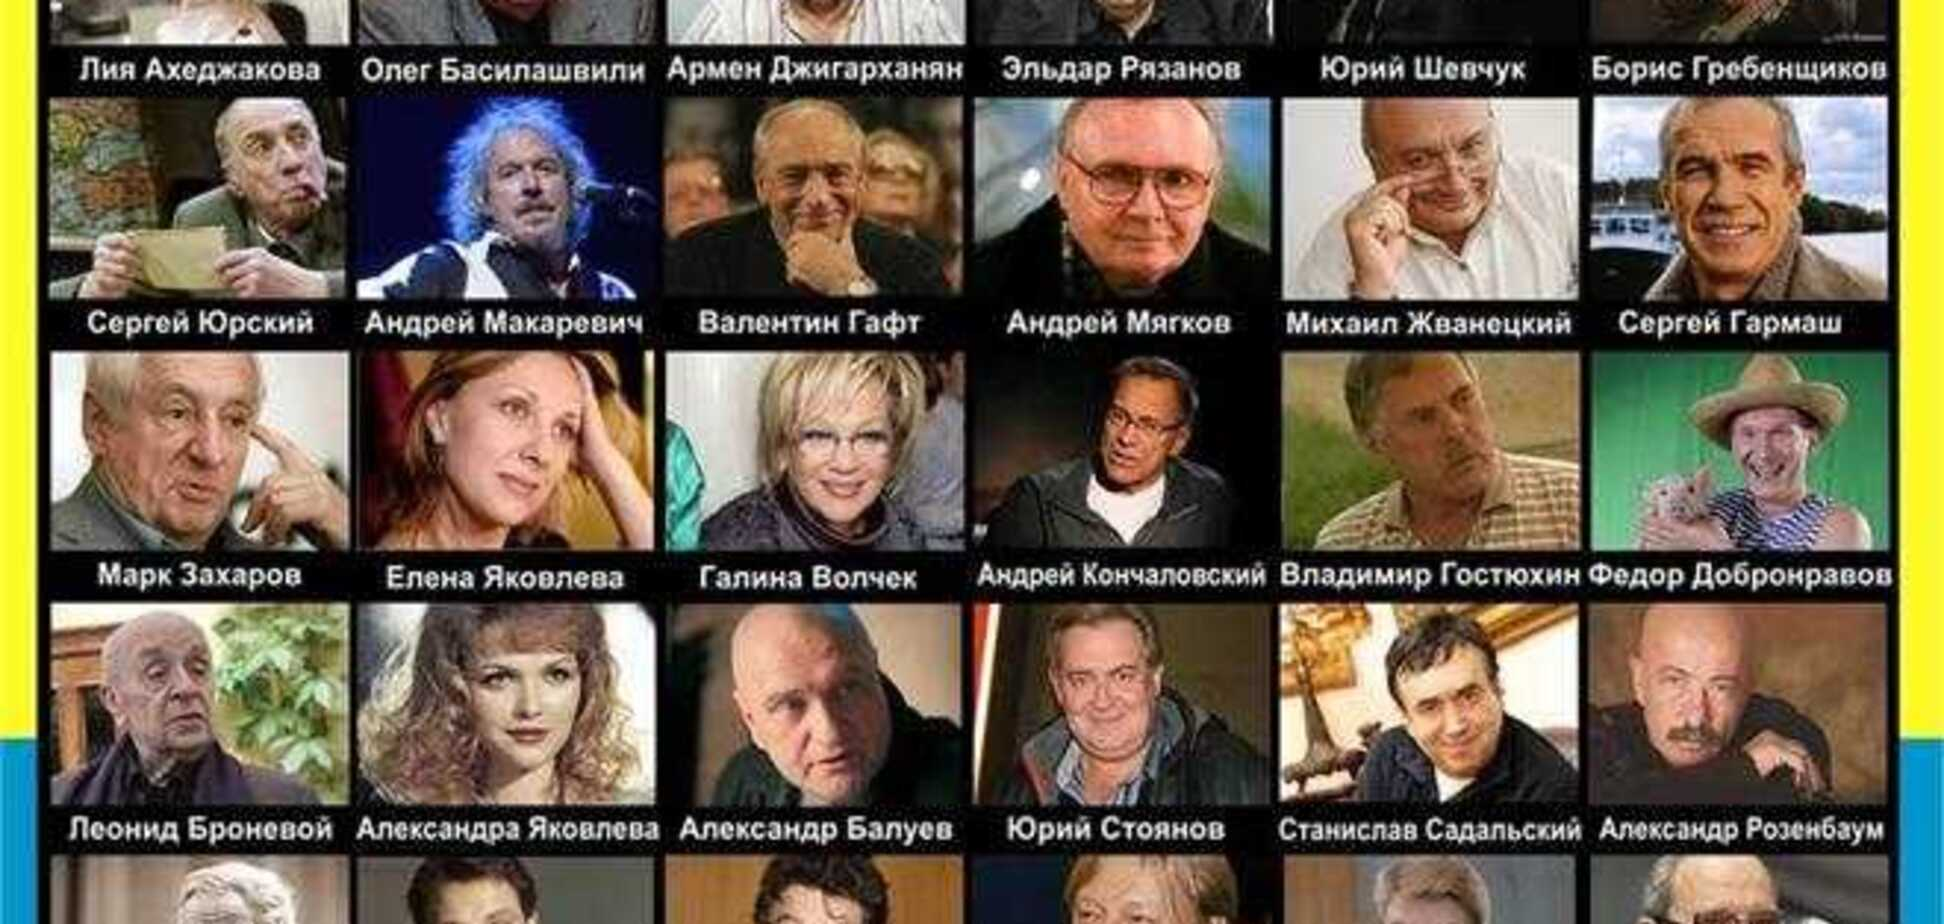 Список российских деятелей культуры, поддержавших Украину